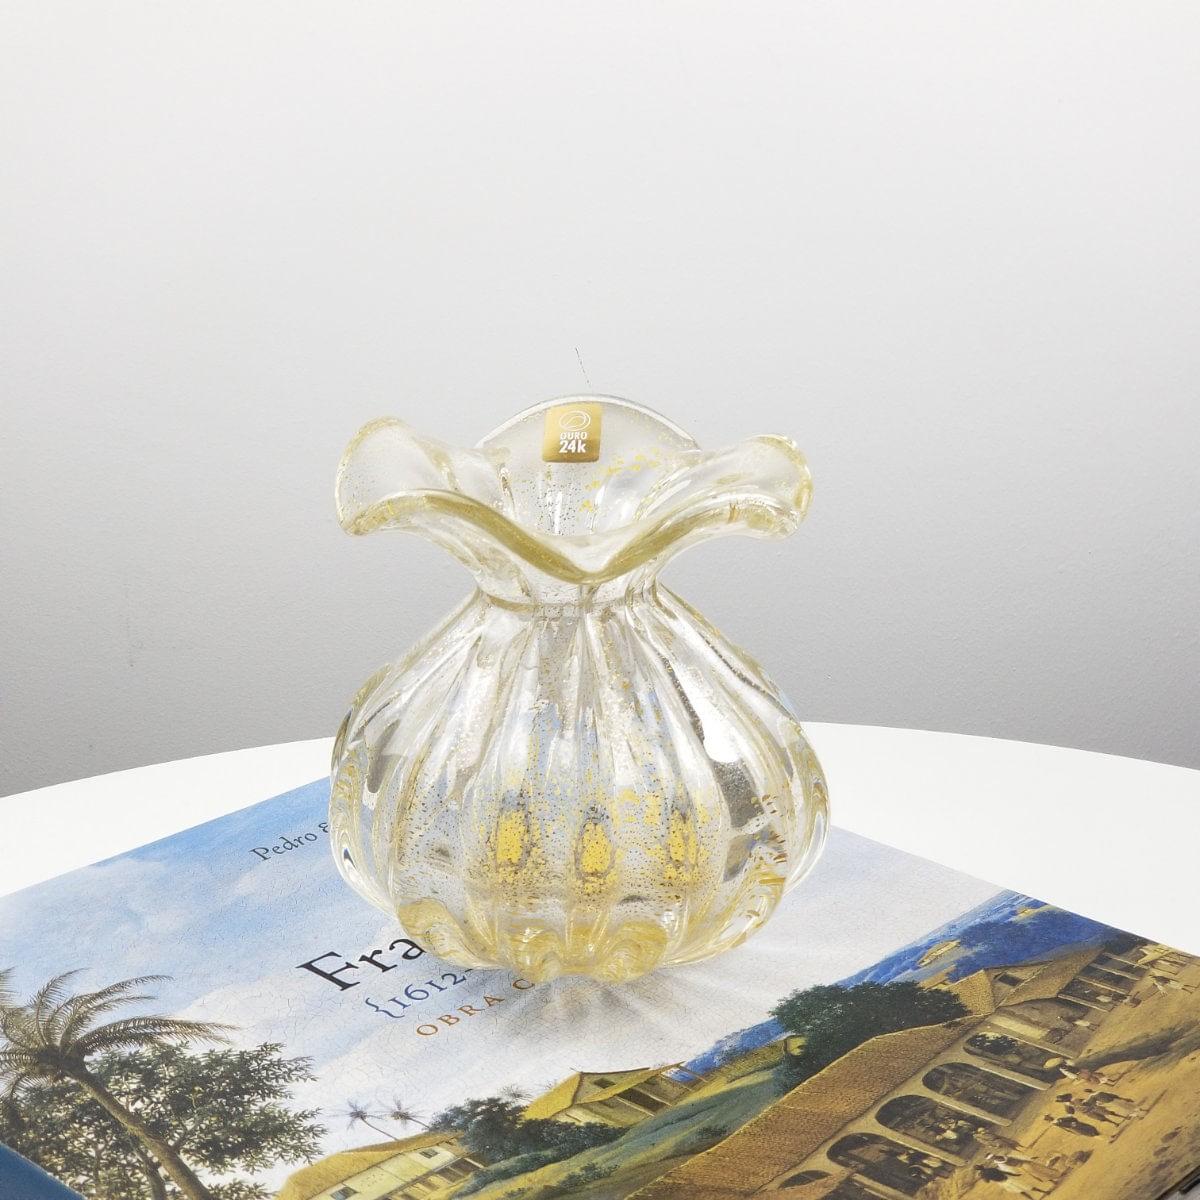 Vaso Trouxinha de Murano São Marcos - Cristal Transparente com Ouro 24K